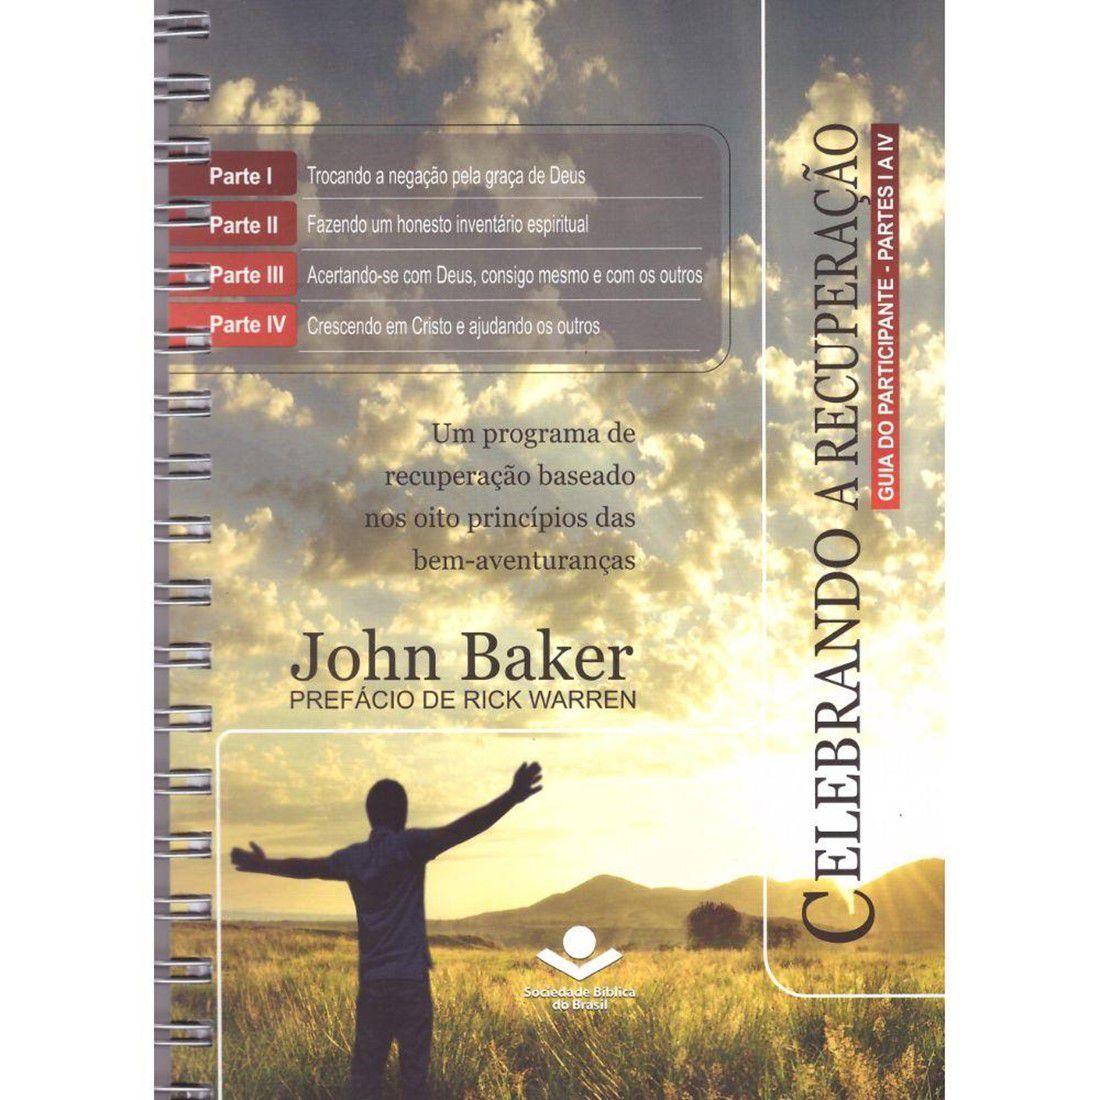 Livro Celebrando a Recuperação